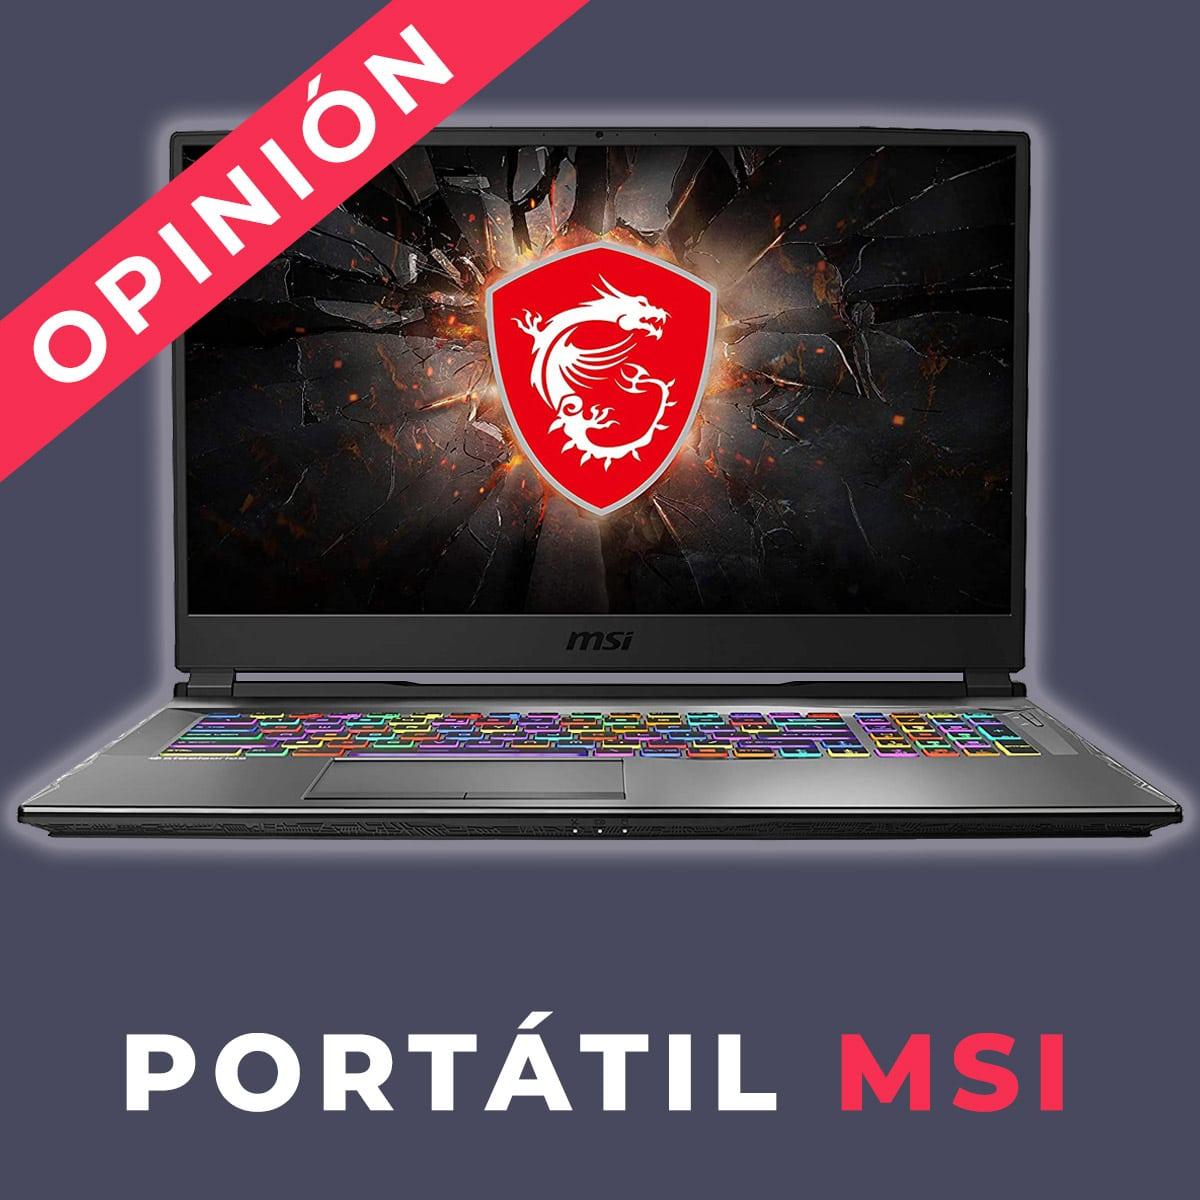 portatil msi